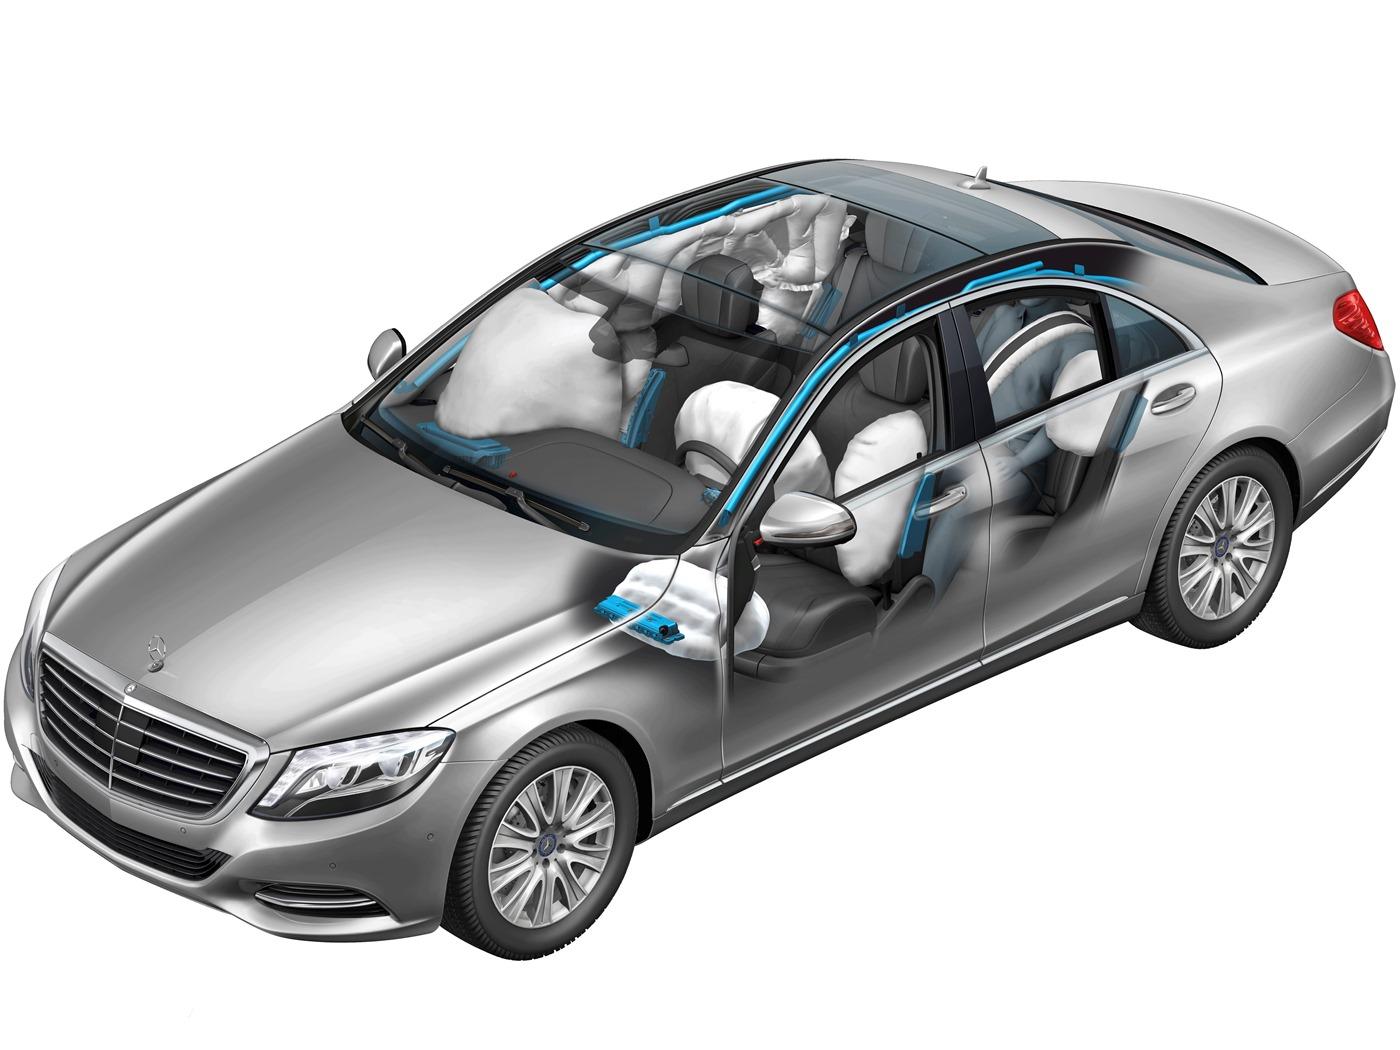 Khám phá đẳng cấp Mercedes S-Class phục vụ hệ thống Vinpearl_2